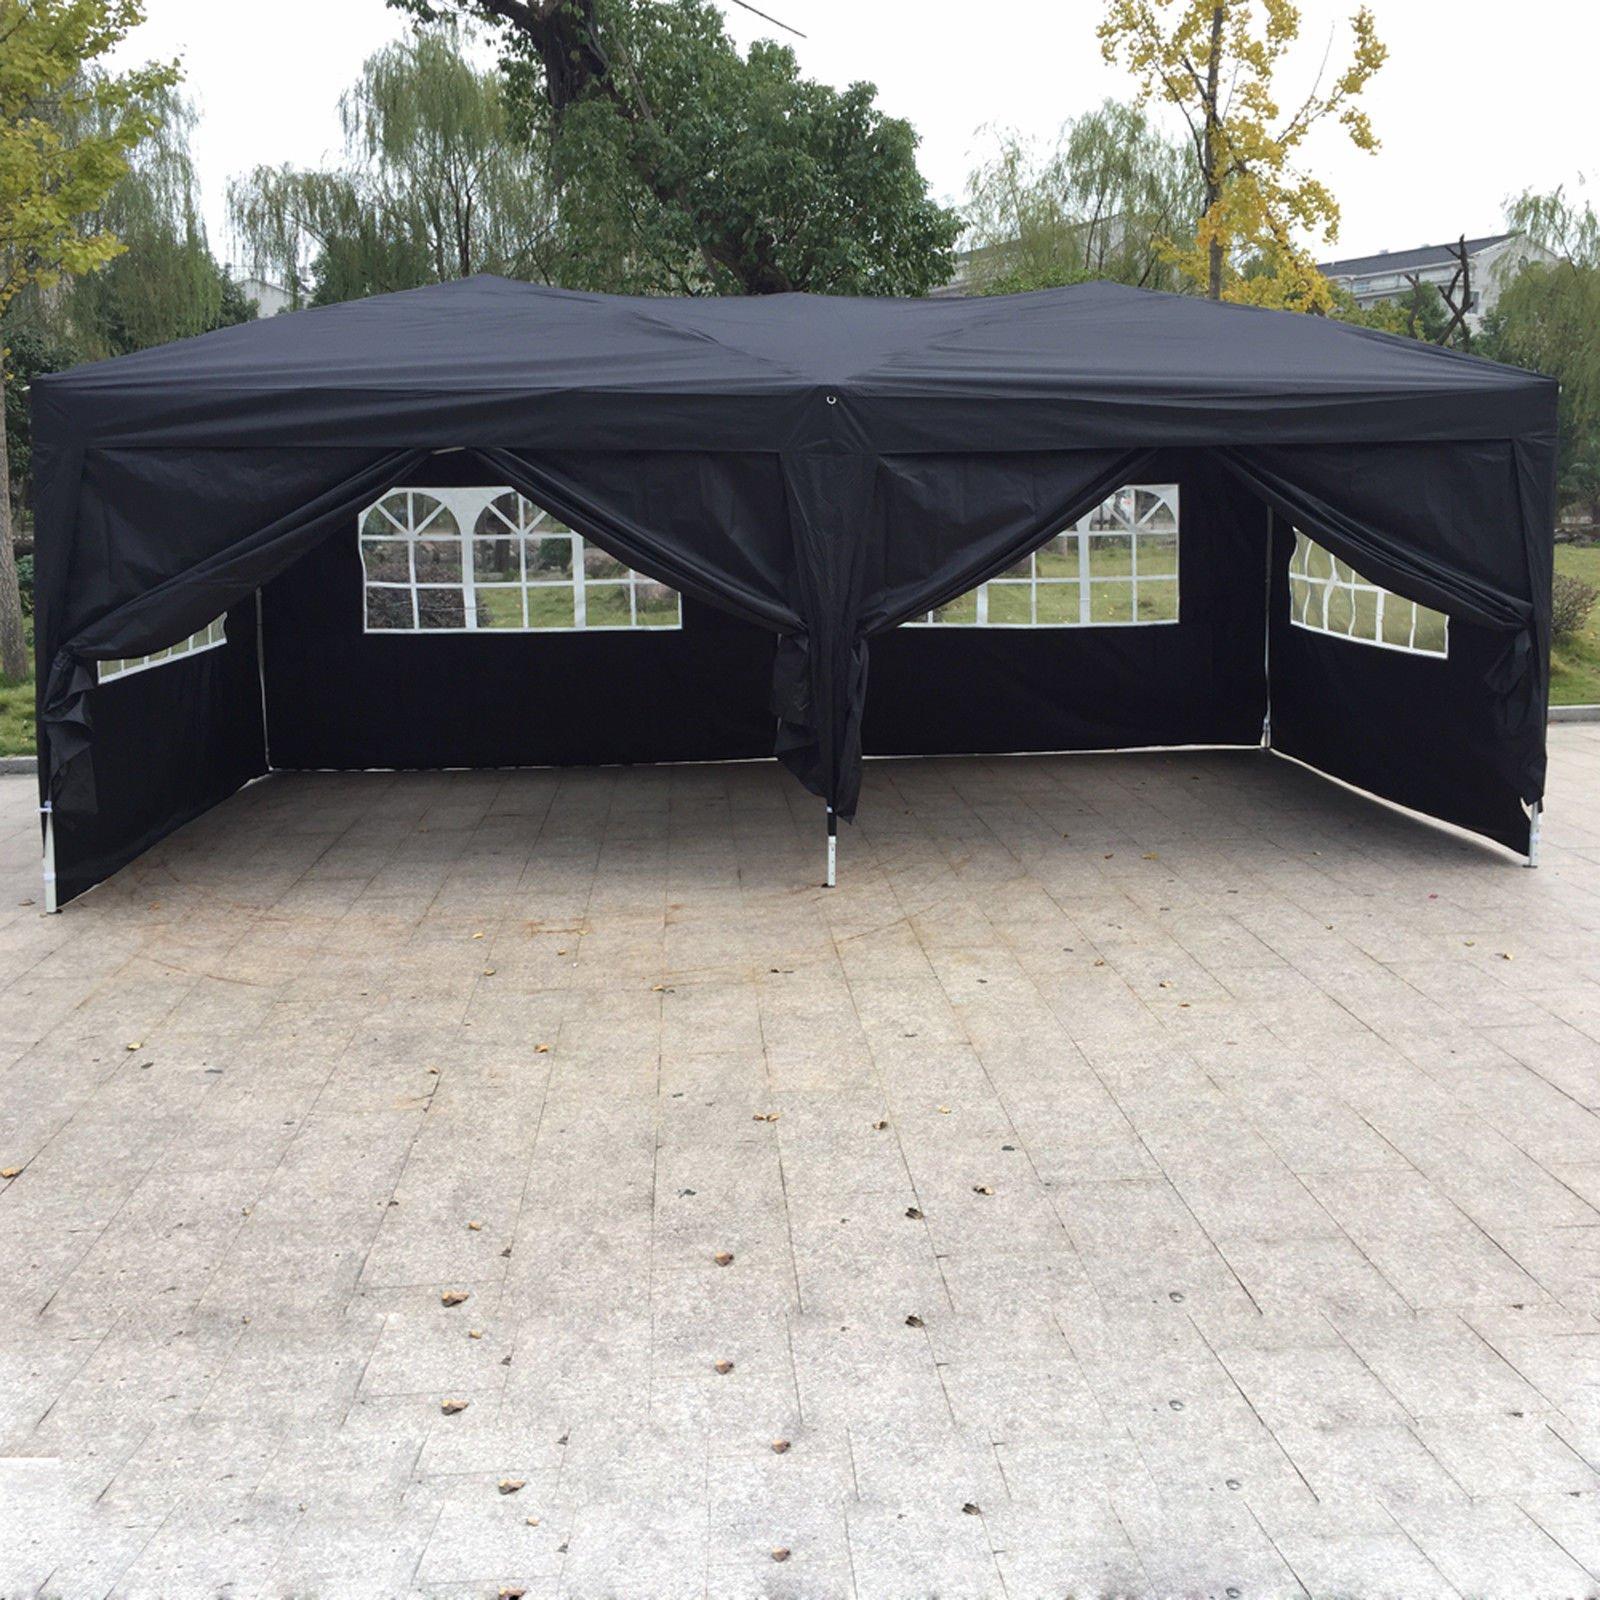 10'x 20' EZ Pop UP Wedding Party Tent Gazebo Canopy 6 Sidewalls w/Carry Bag